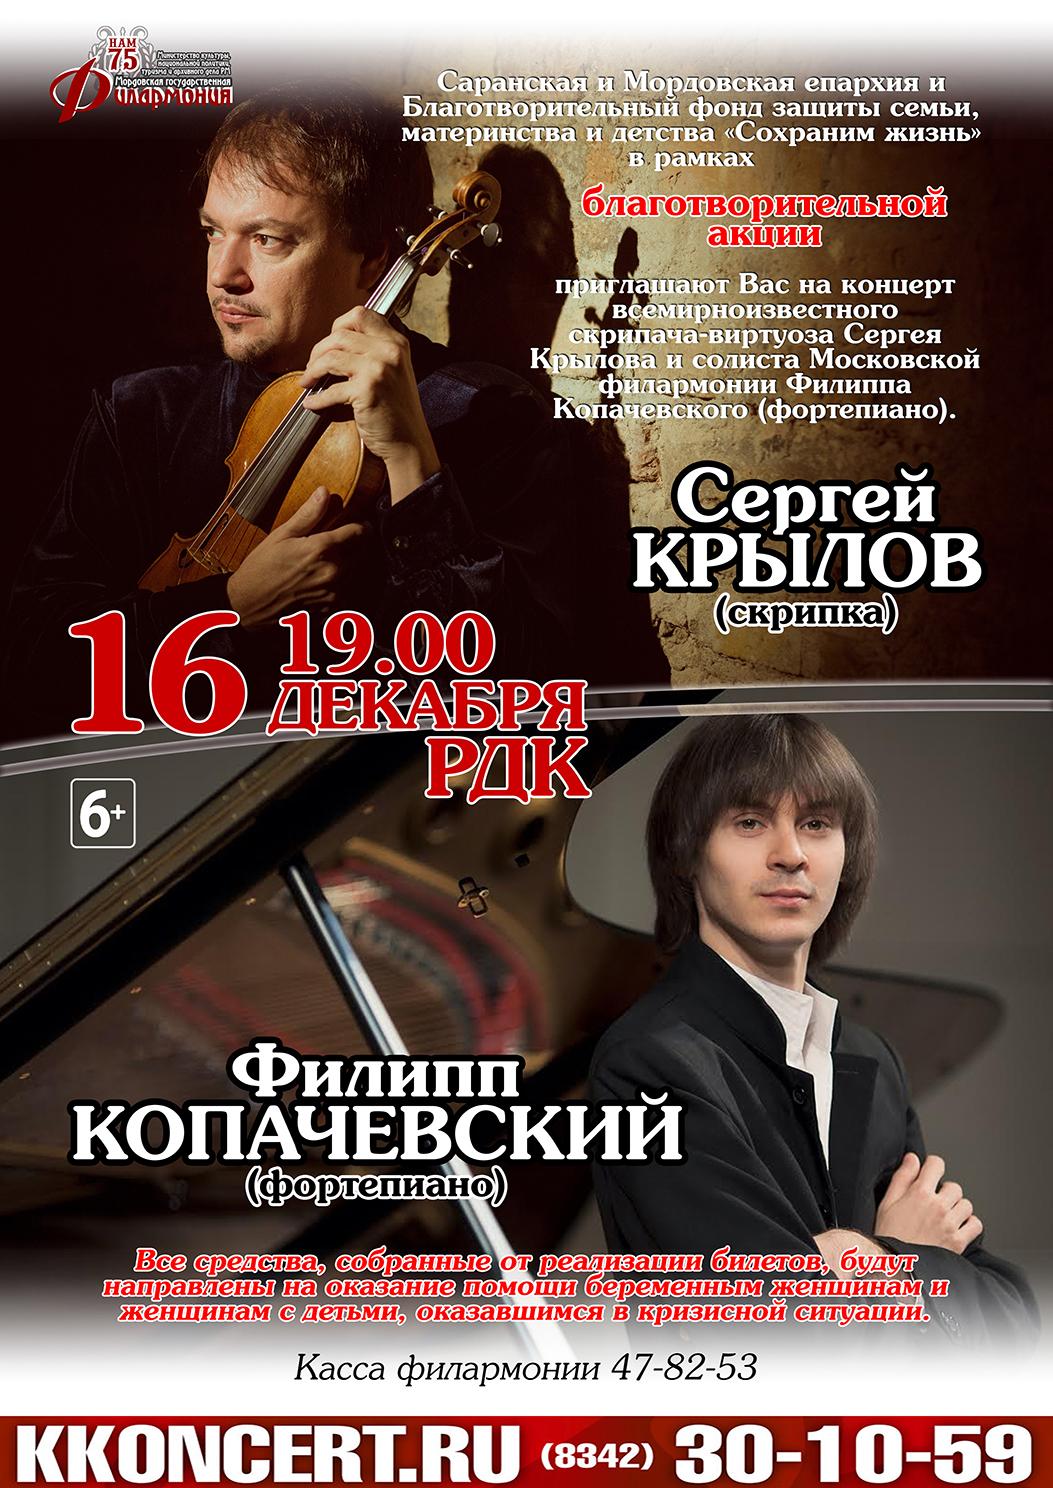 Благотворительный концерт Сергея Крылова (скрипка) и Филиппа Копачевского (фортепиано) (6+)